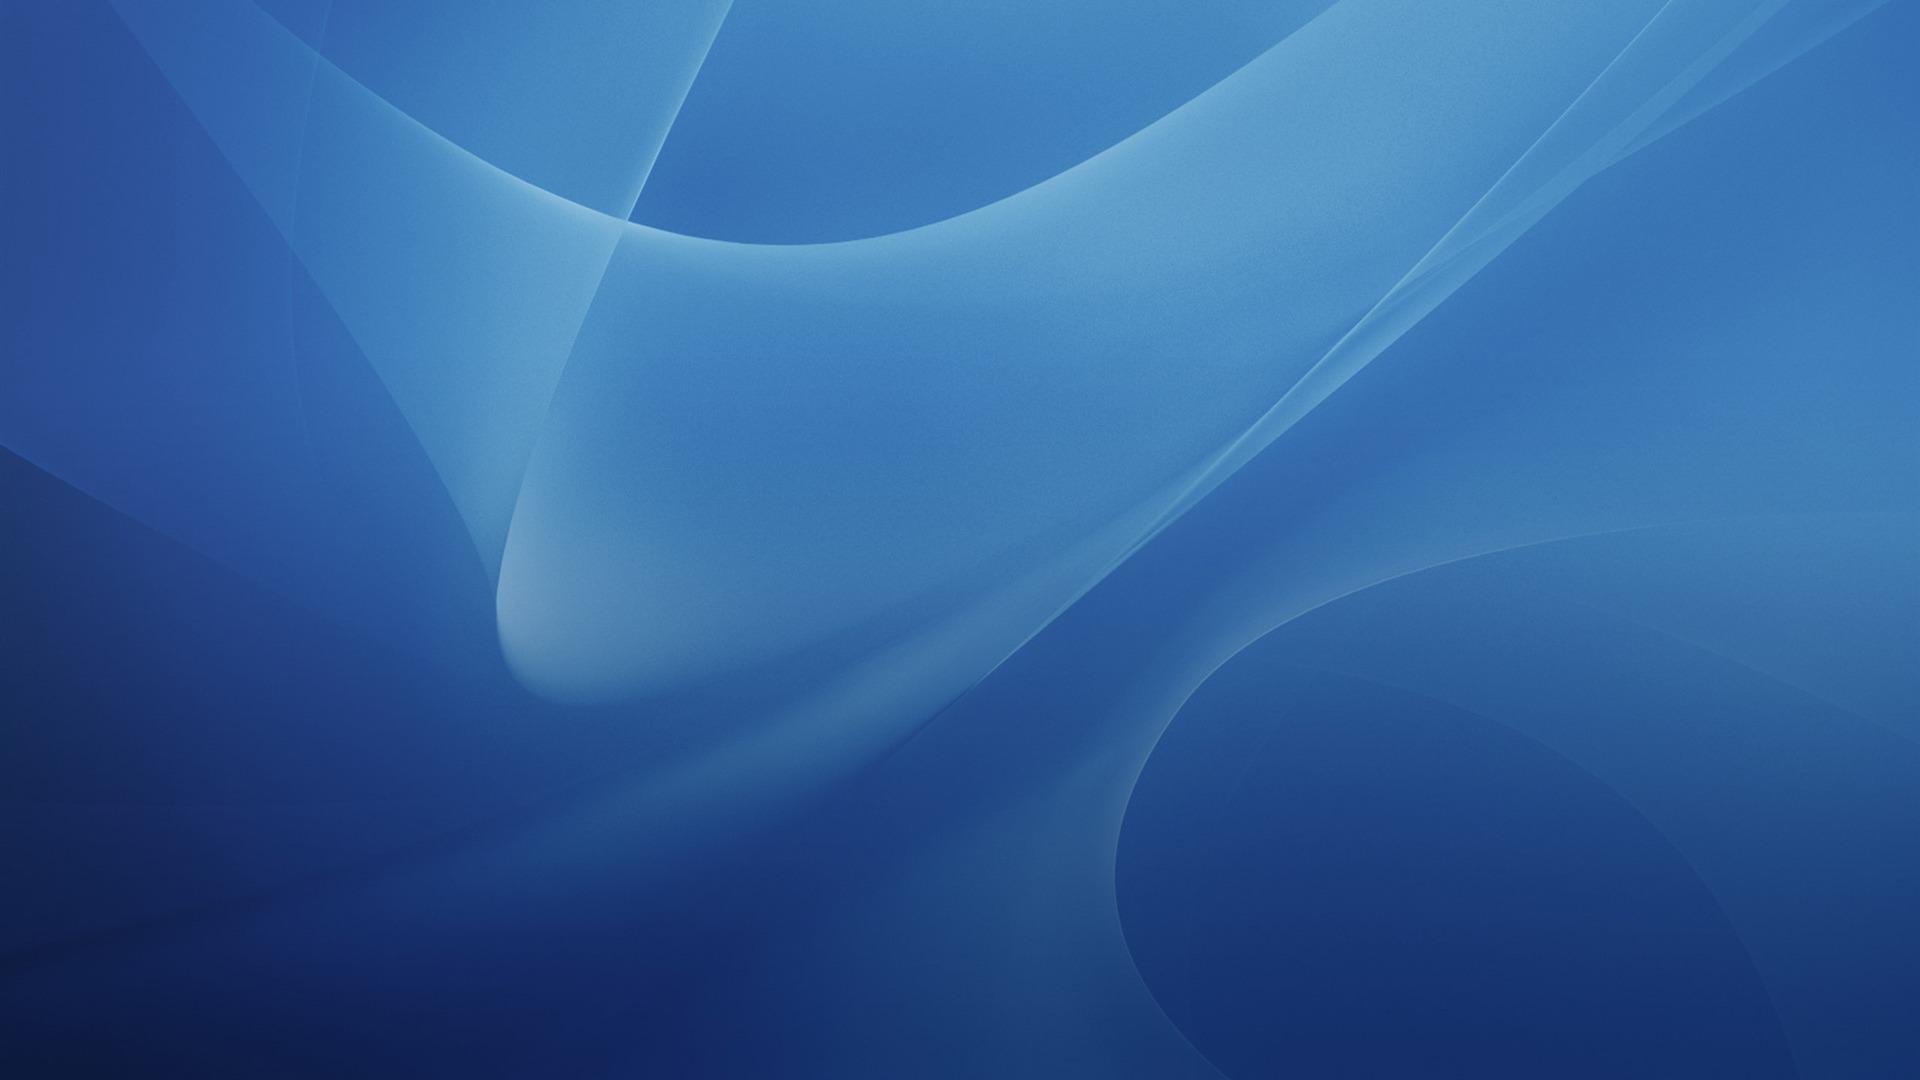 Mac os x hd 2 4 1920x1080 mac os x for Raumgestaltung mac os x